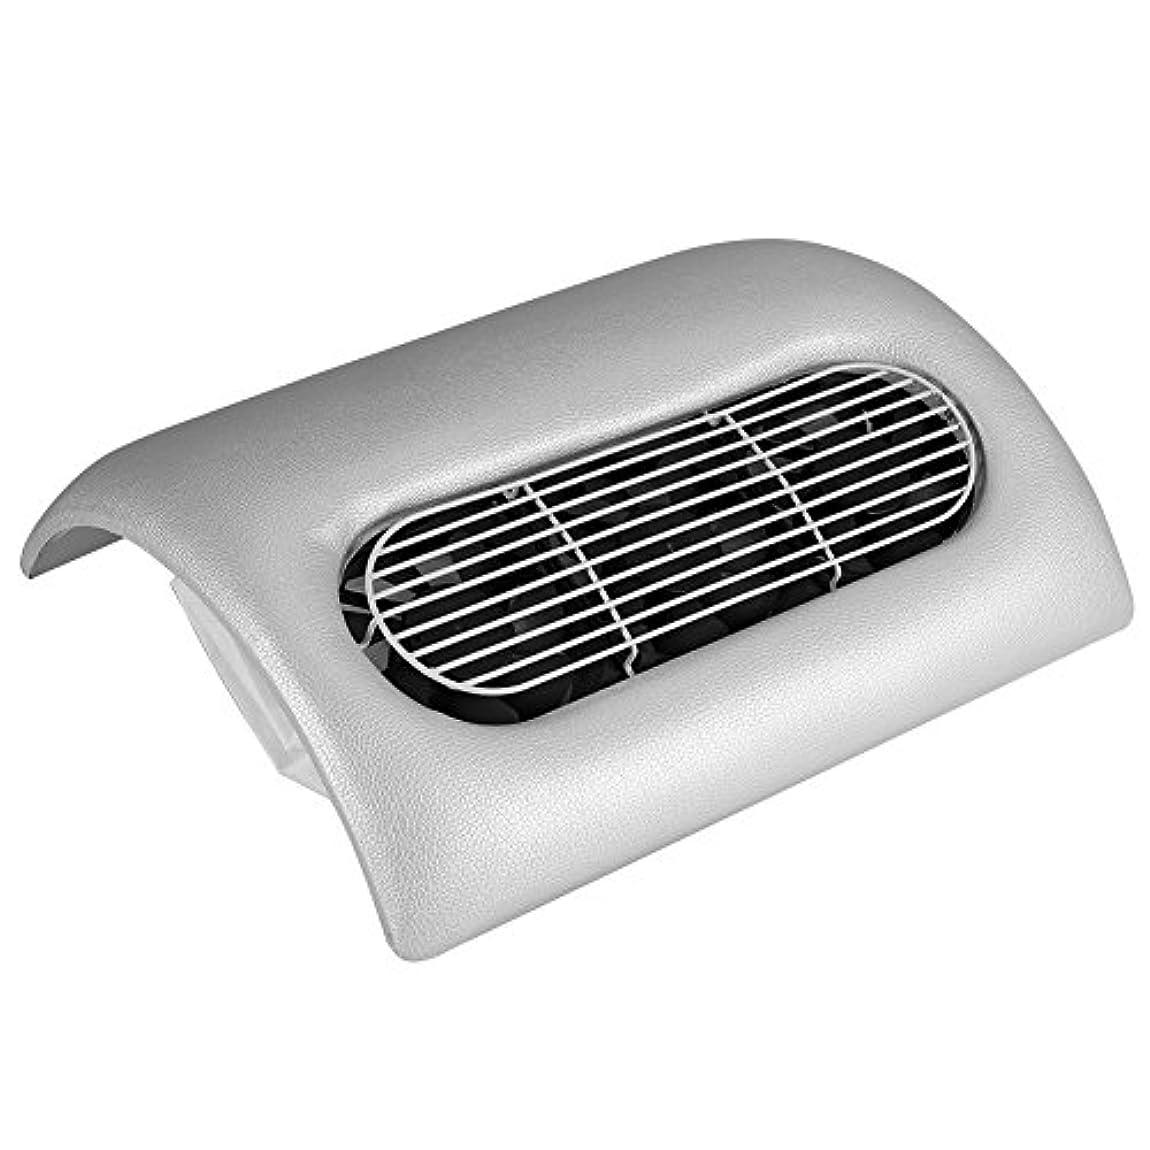 マイクロ風邪をひく不変ネイルダストサクション、サロンアートジェルポーランドマニキュア掃除機実用サロン洗浄装置